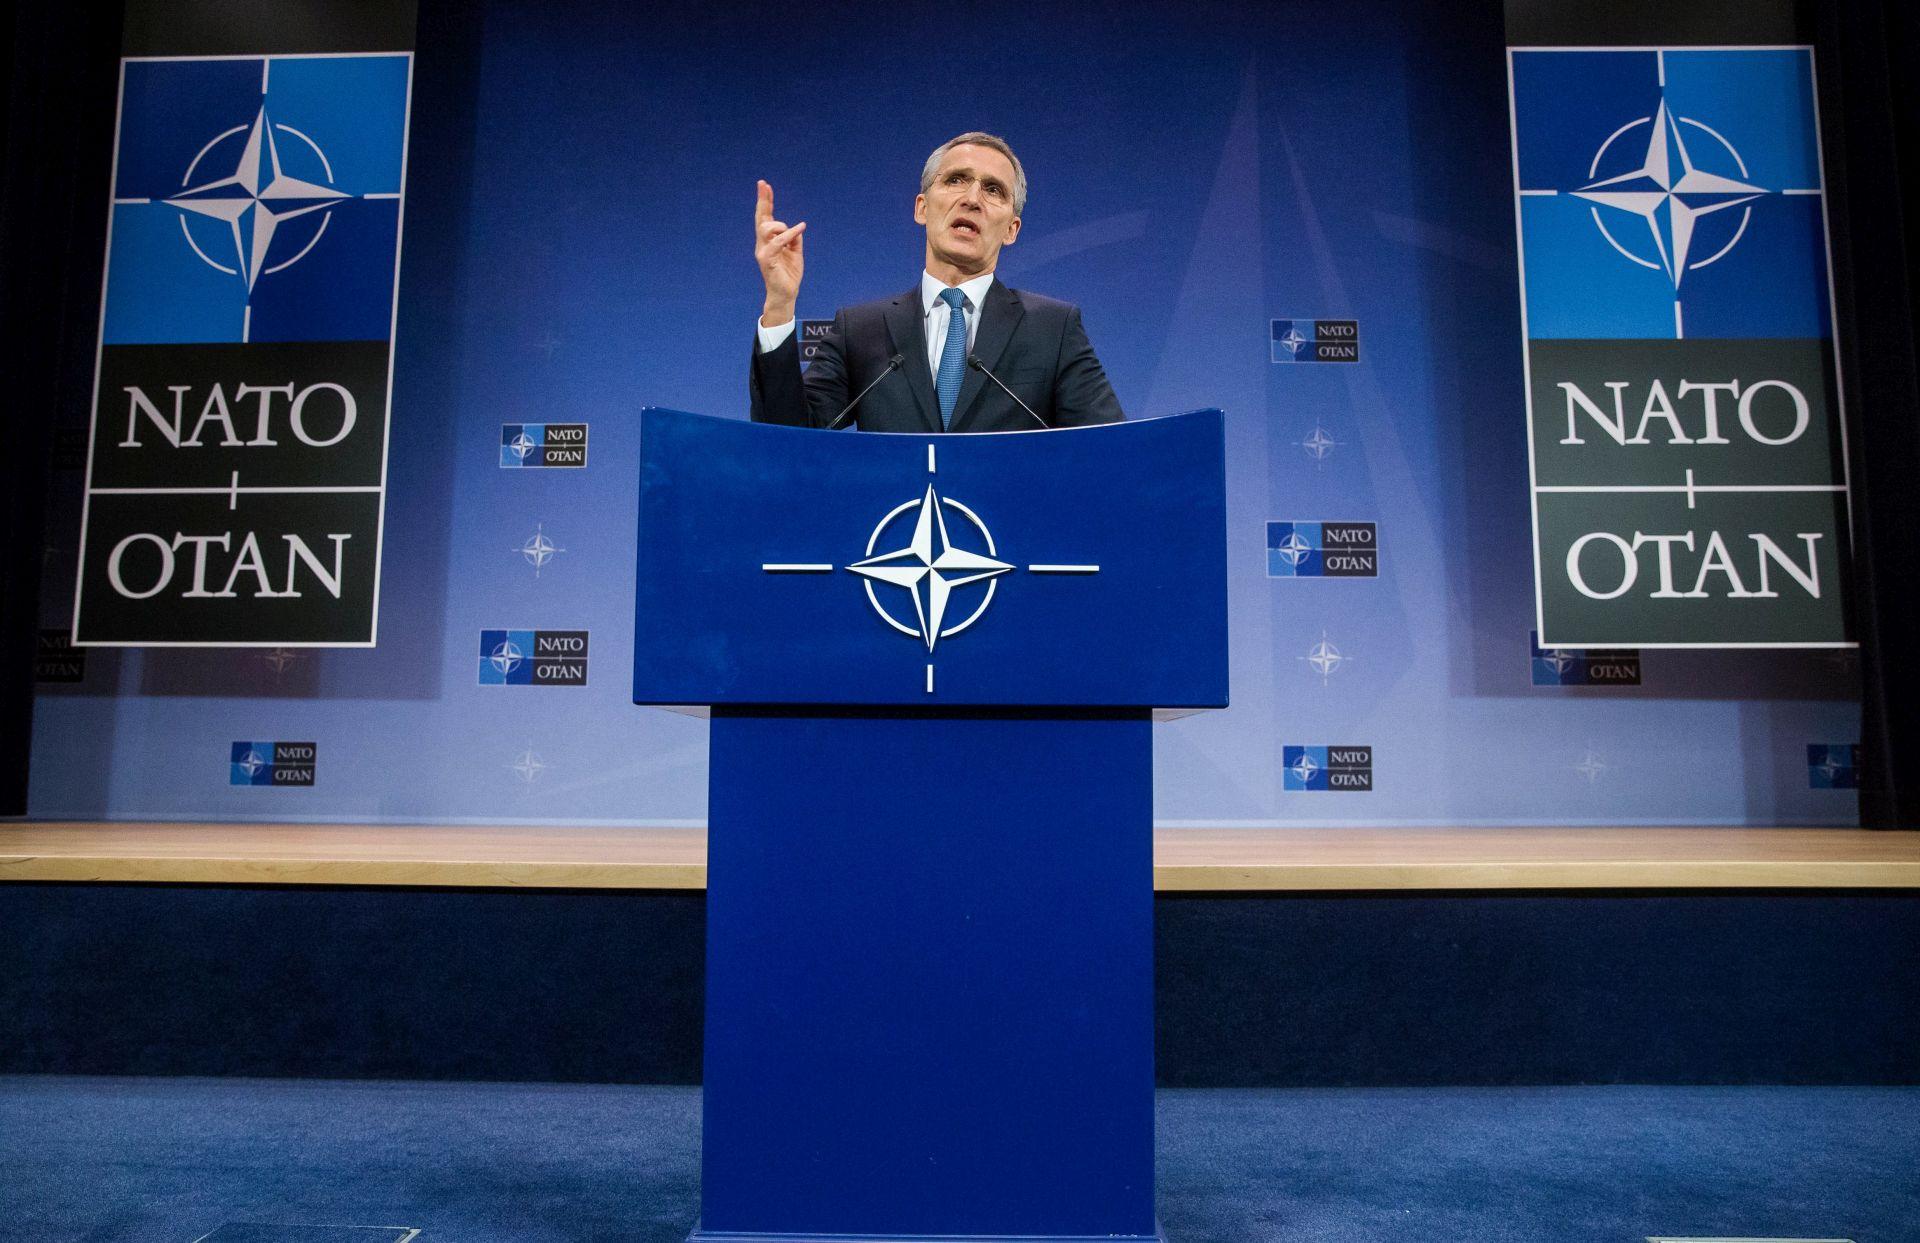 NATO: Glavni prioritet je povećanje izdvajanja za obranu